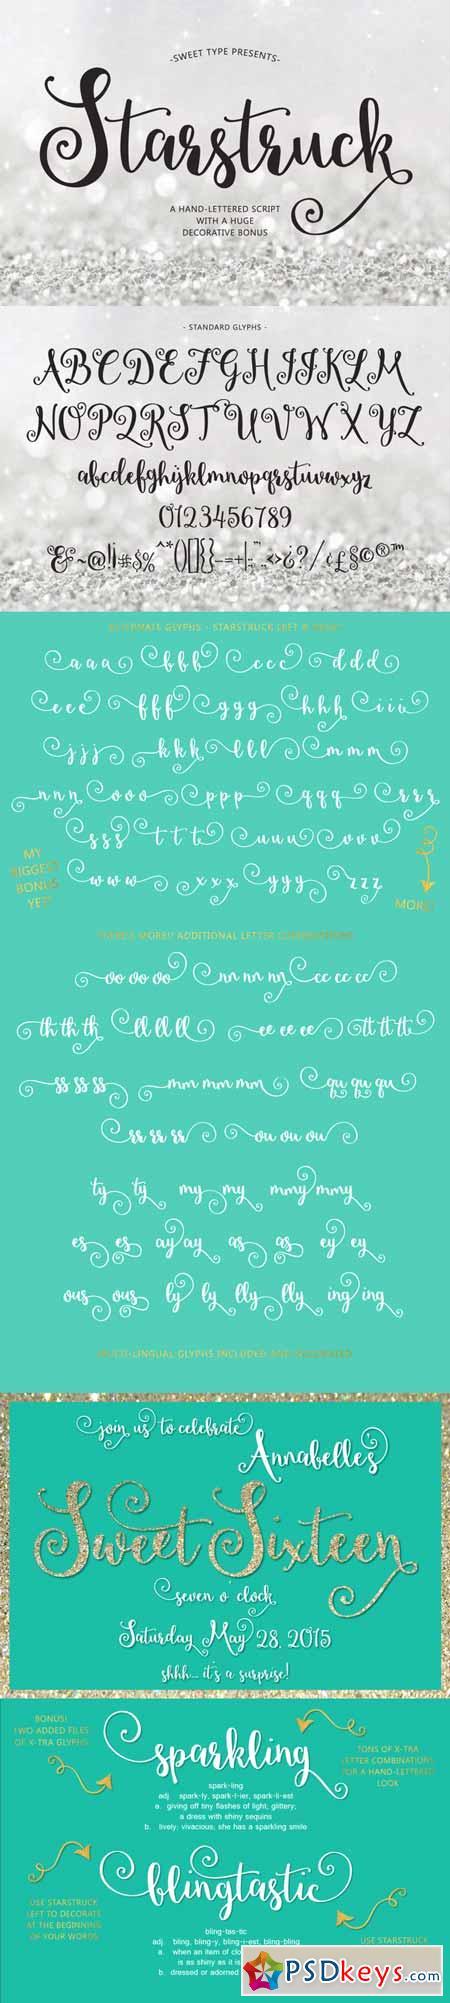 Starstruck hand-lettered script 256332